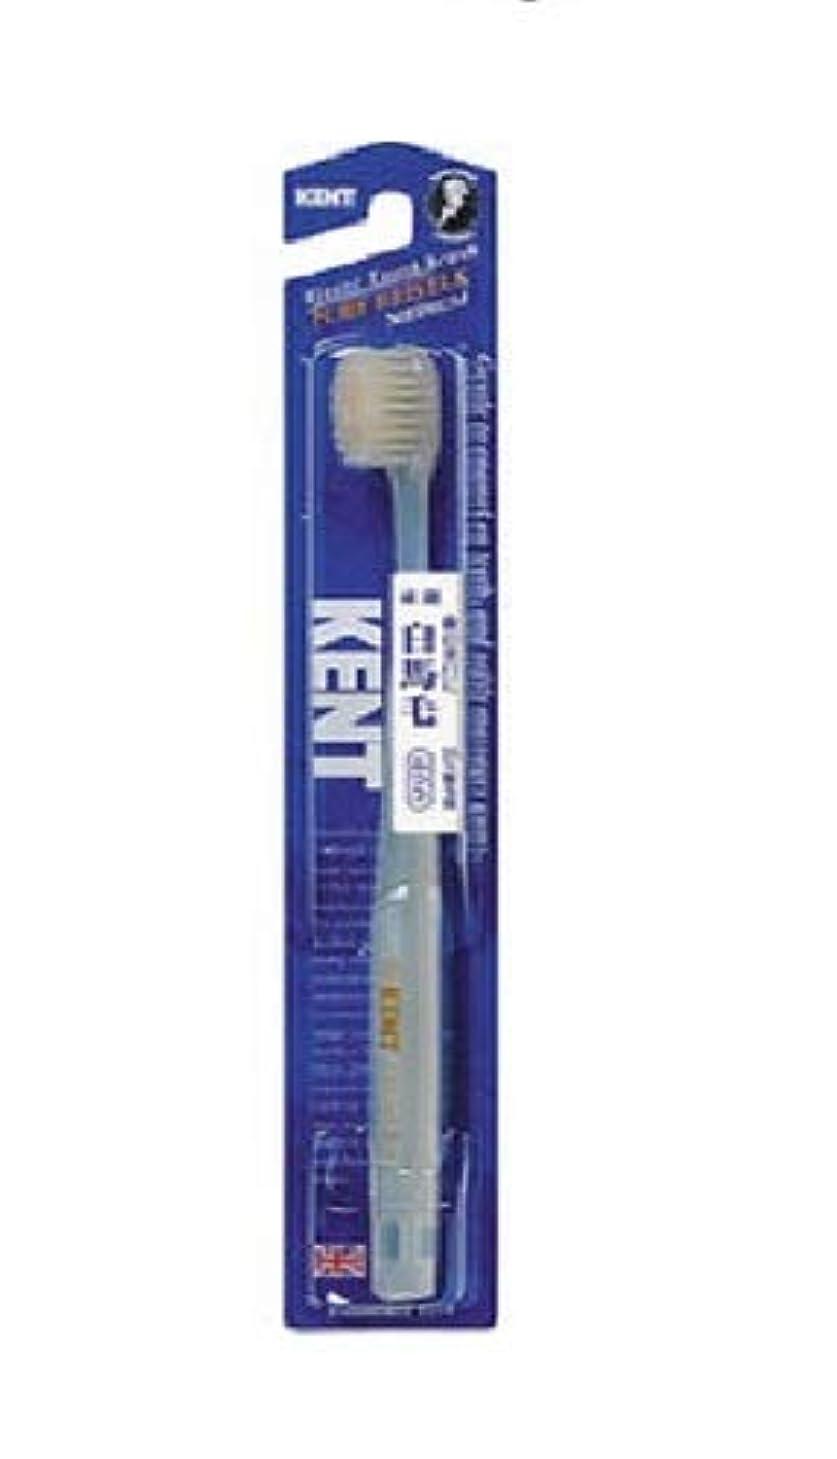 冷ややかな距離閉じ込めるKENT 白馬毛歯ブラシ ふつう コンパクトヘッド KNT-1232